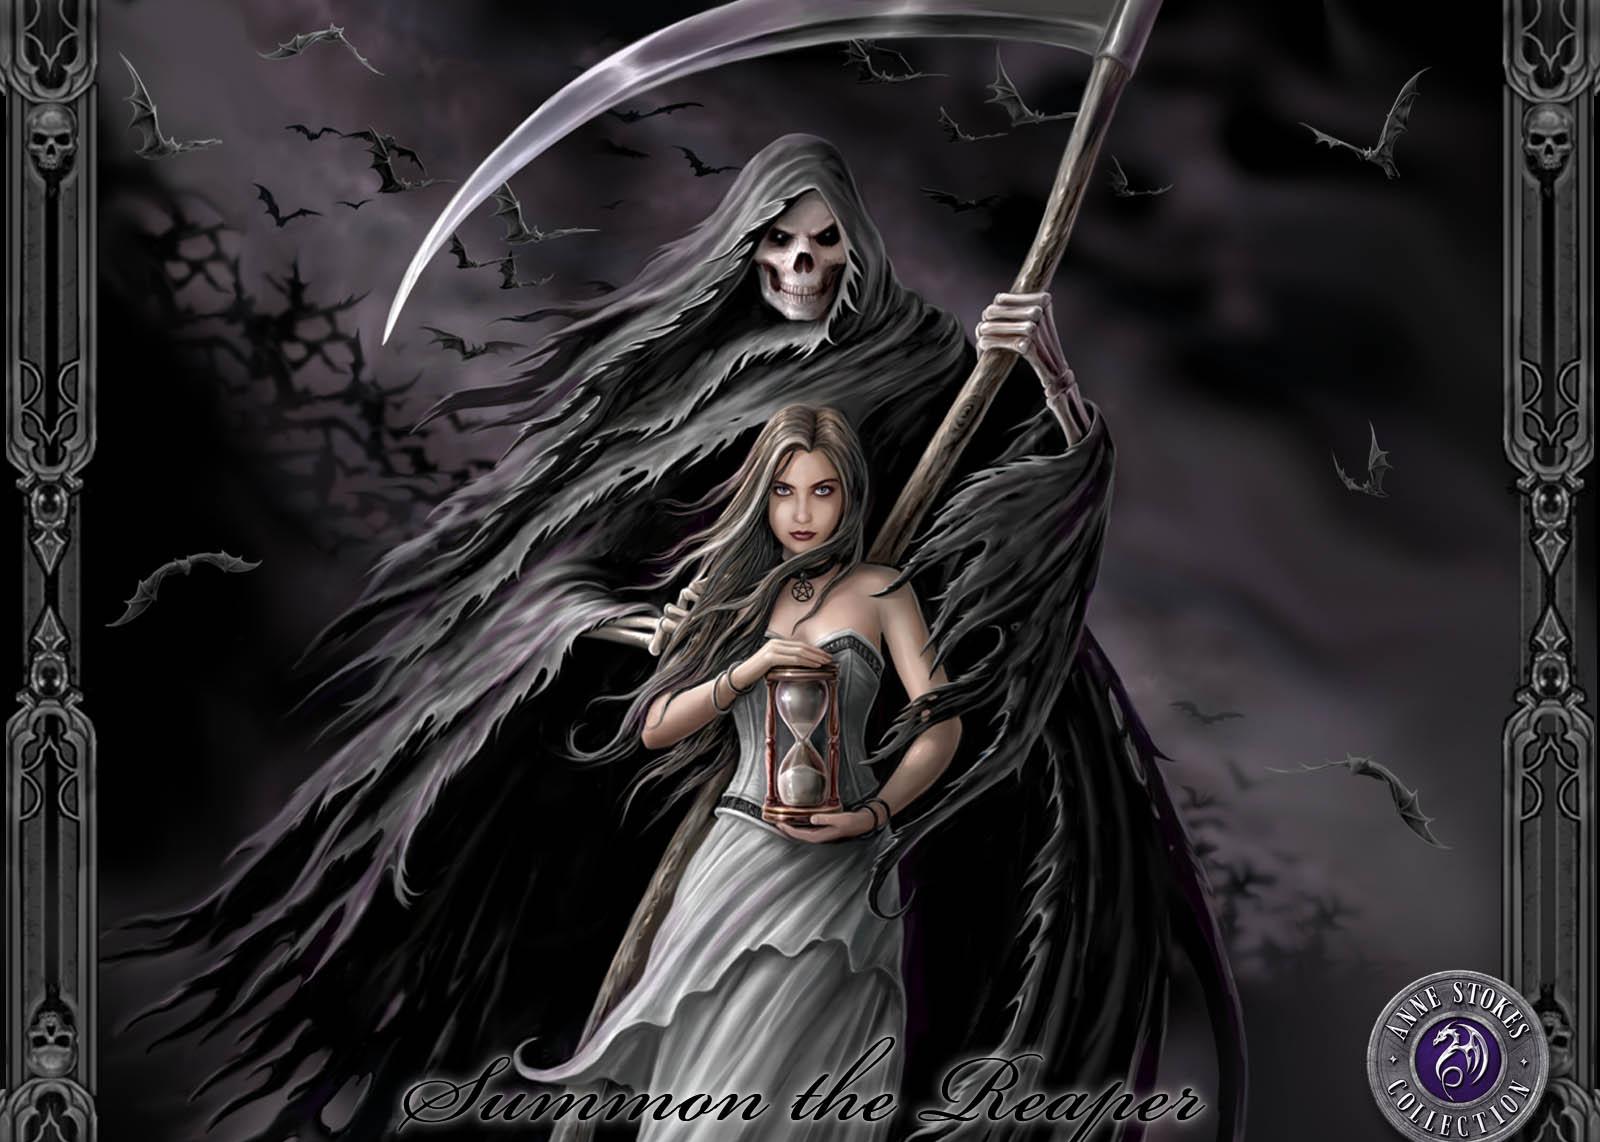 Grim Reaper Computer Wallpapers Desktop Backgrounds 1600x1142 ID 1600x1142